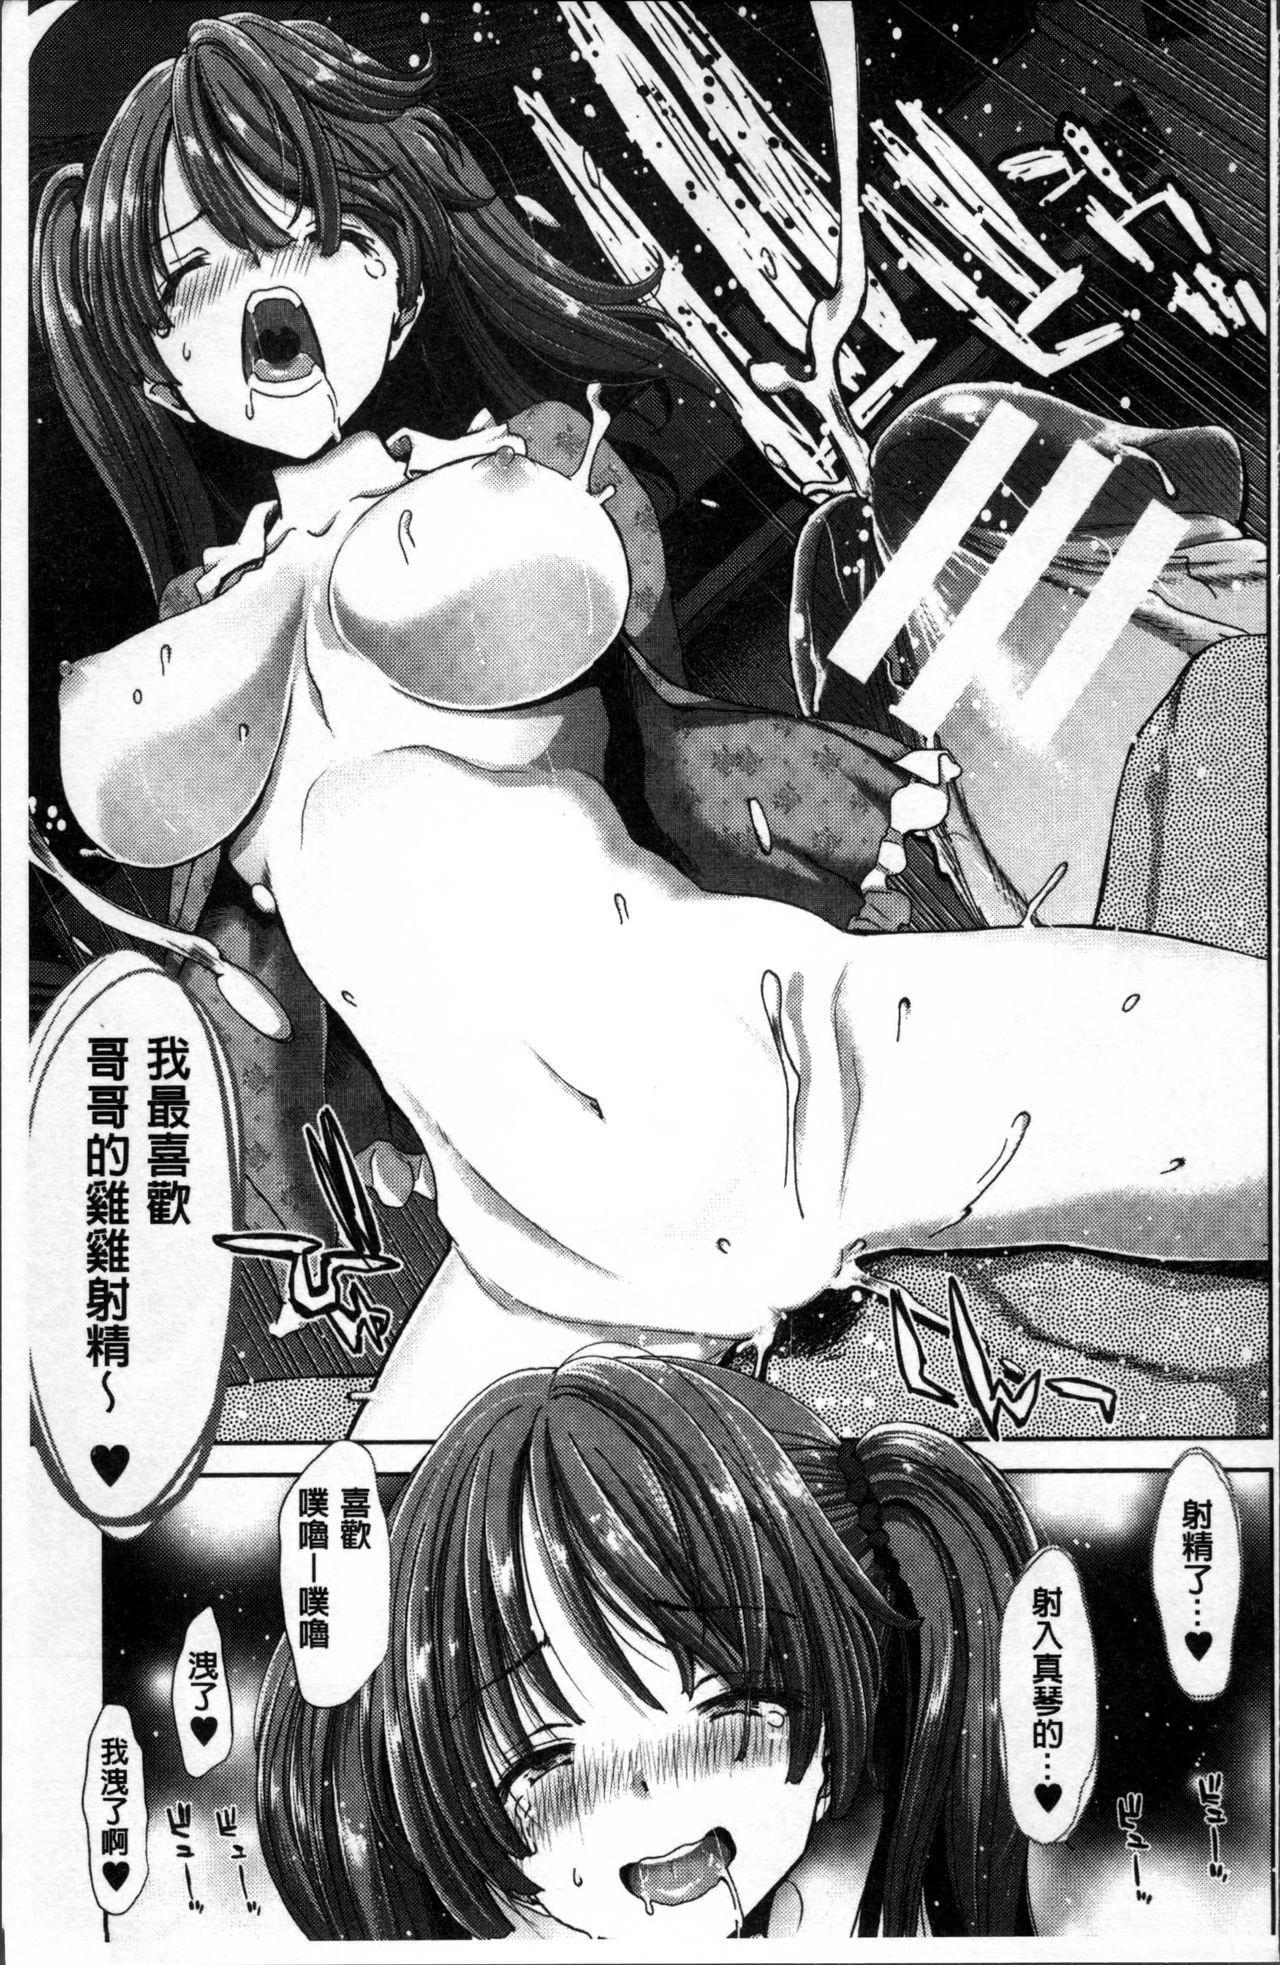 Imouto dakedo Oniichan, H Shiyo! H Shiyo! H Shiyou yo! 61